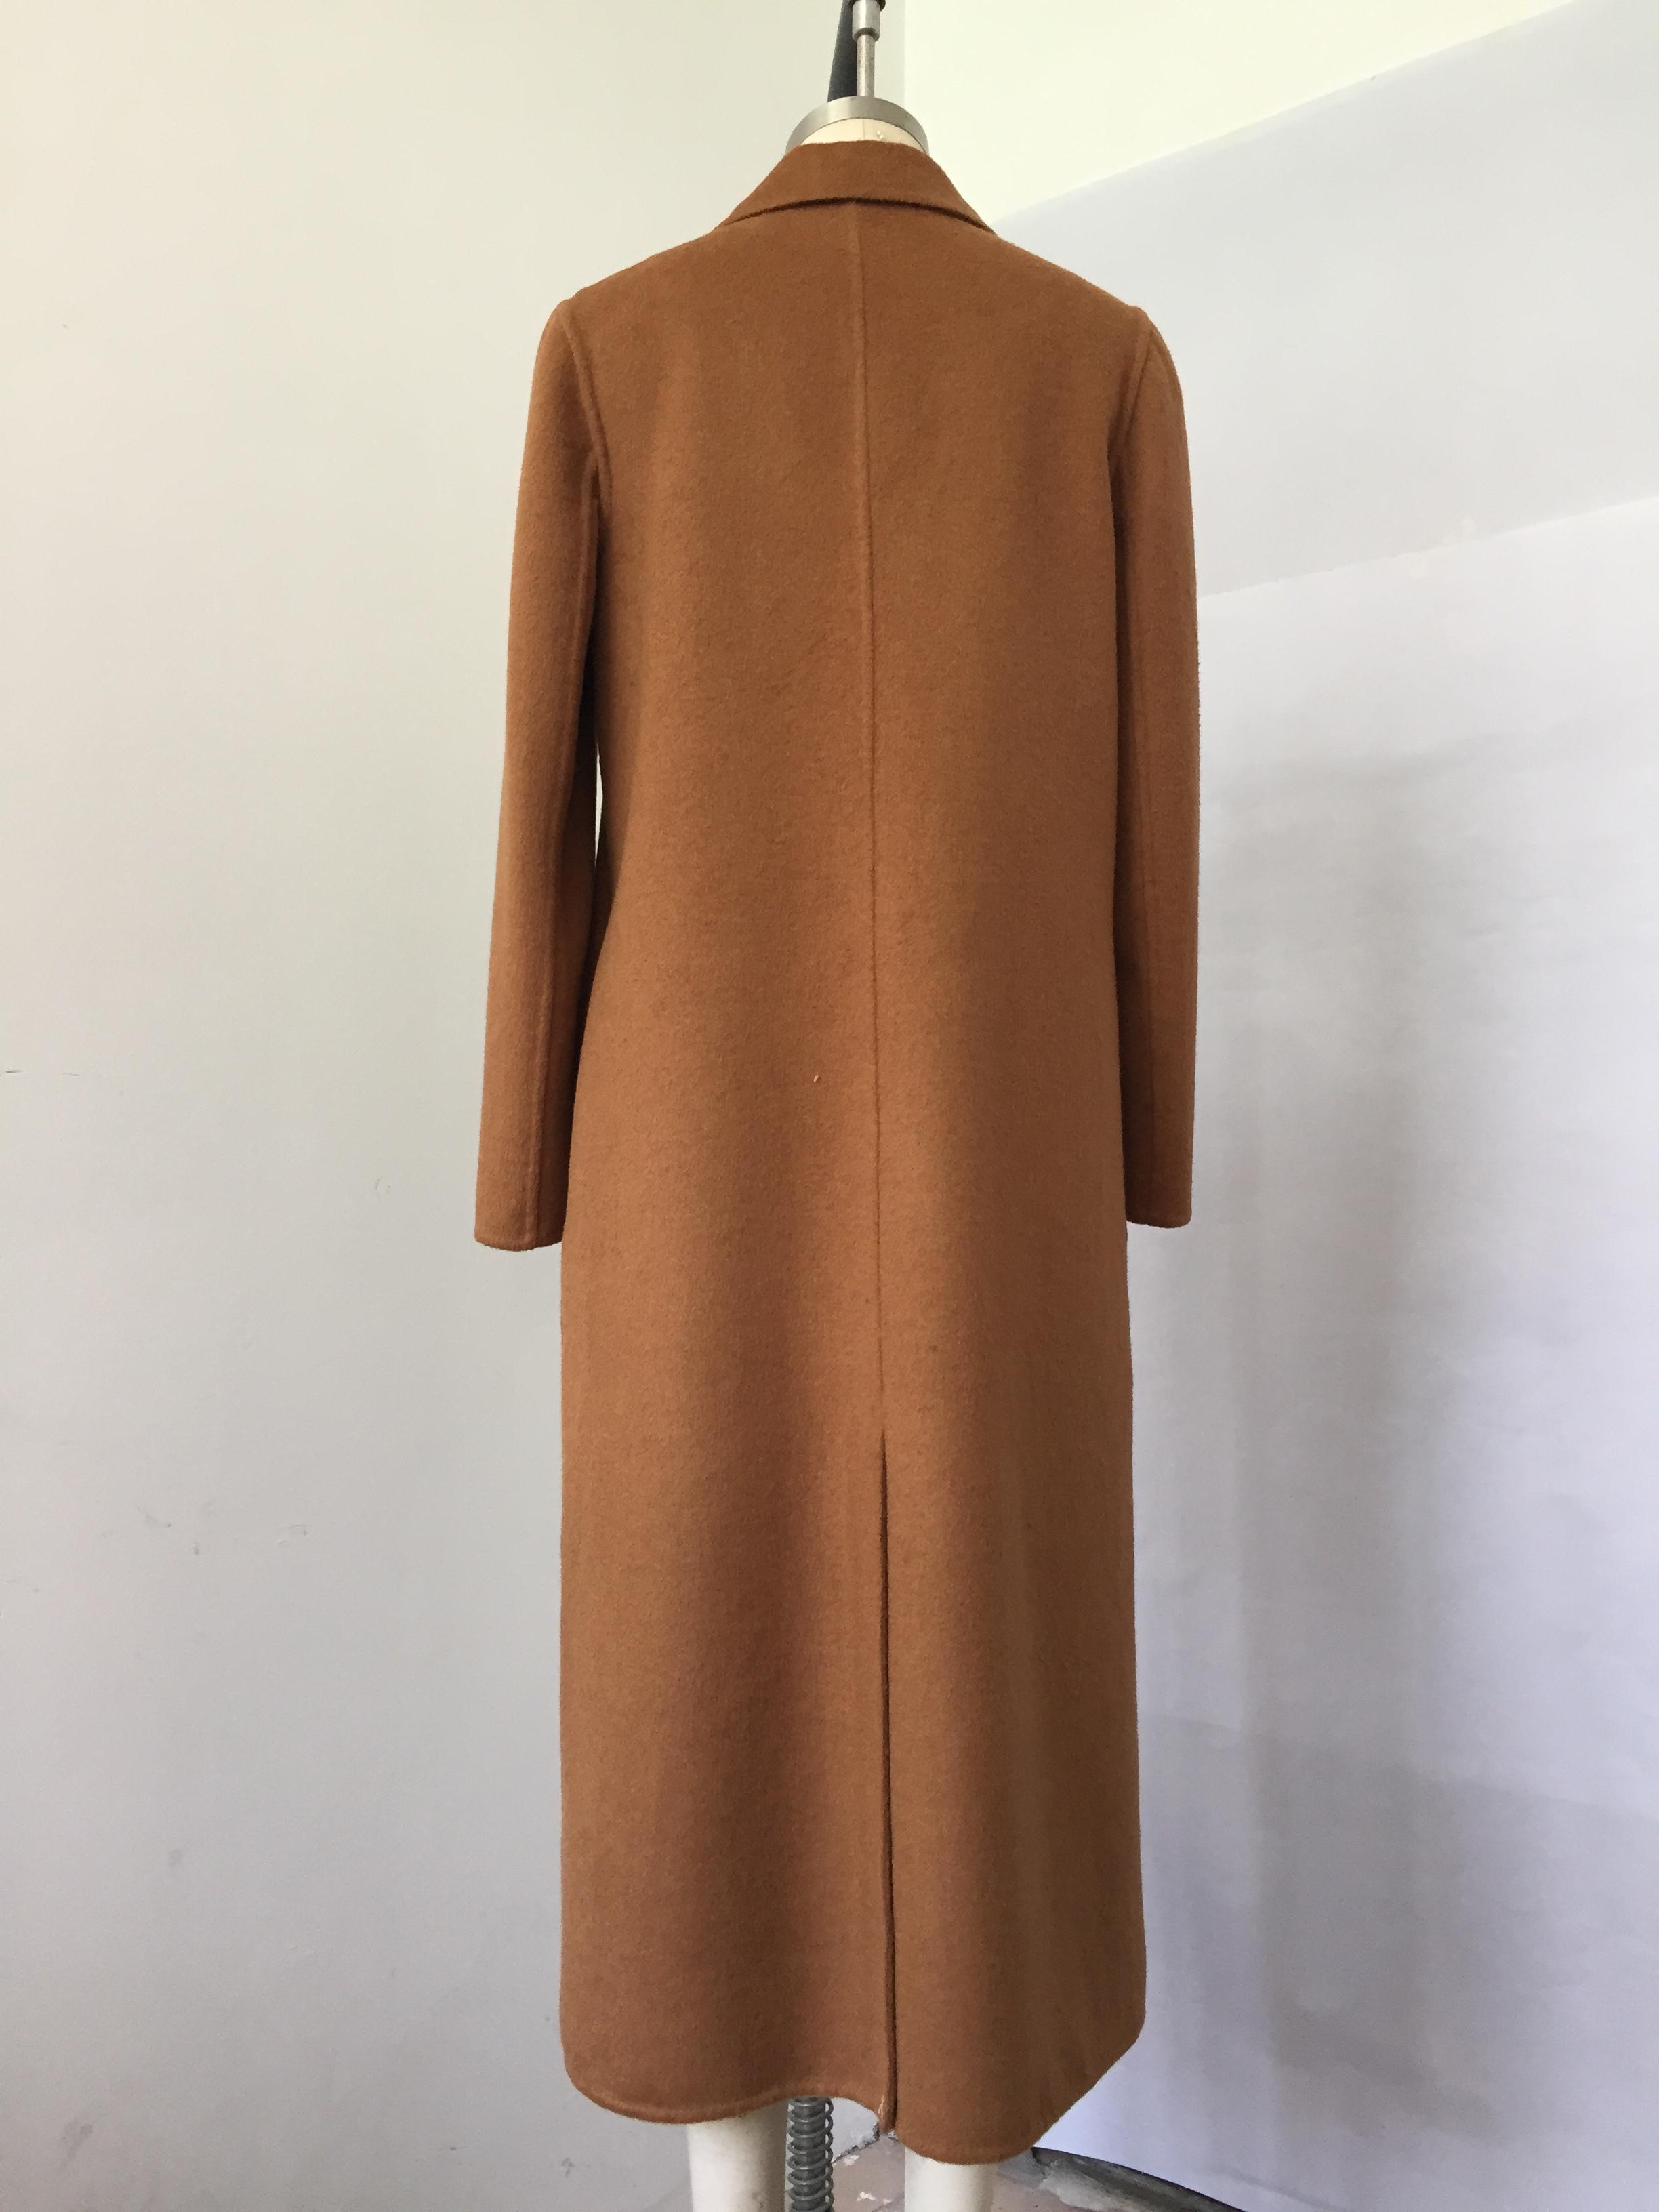 D-17002咖啡色双面呢大衣